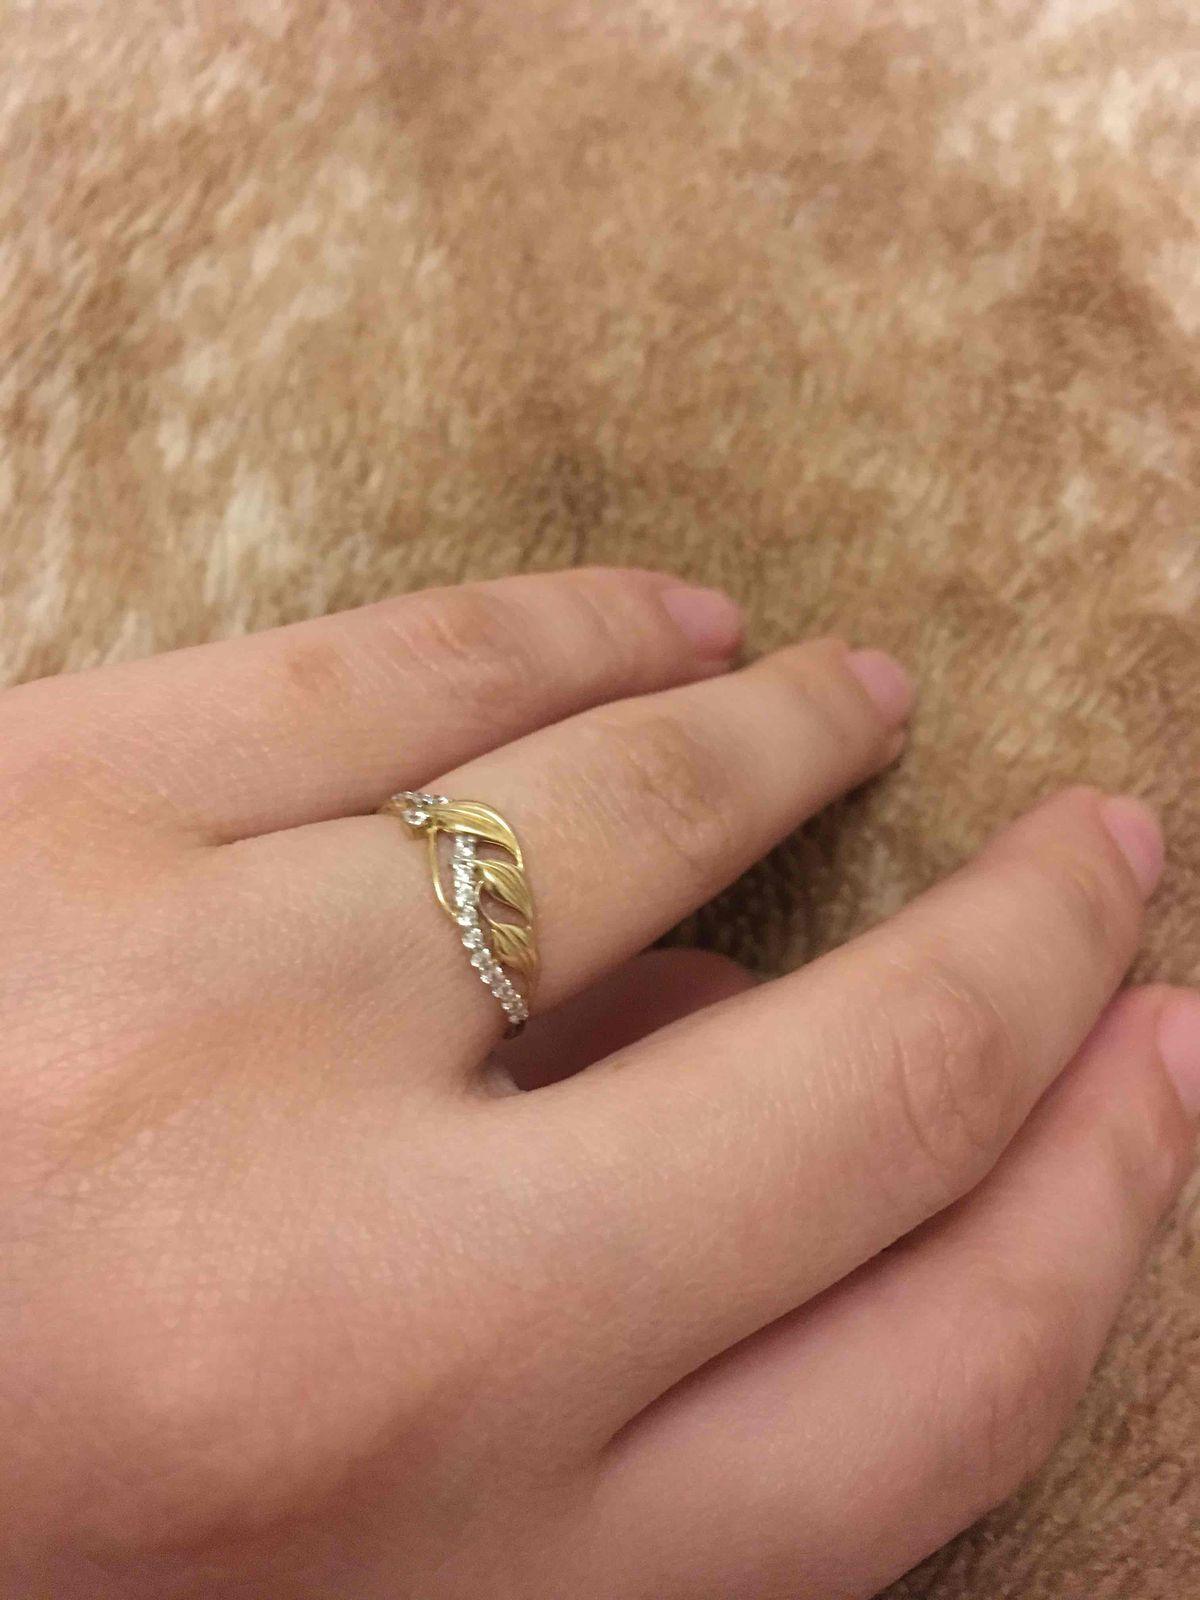 Нежное и изящное кольцо)